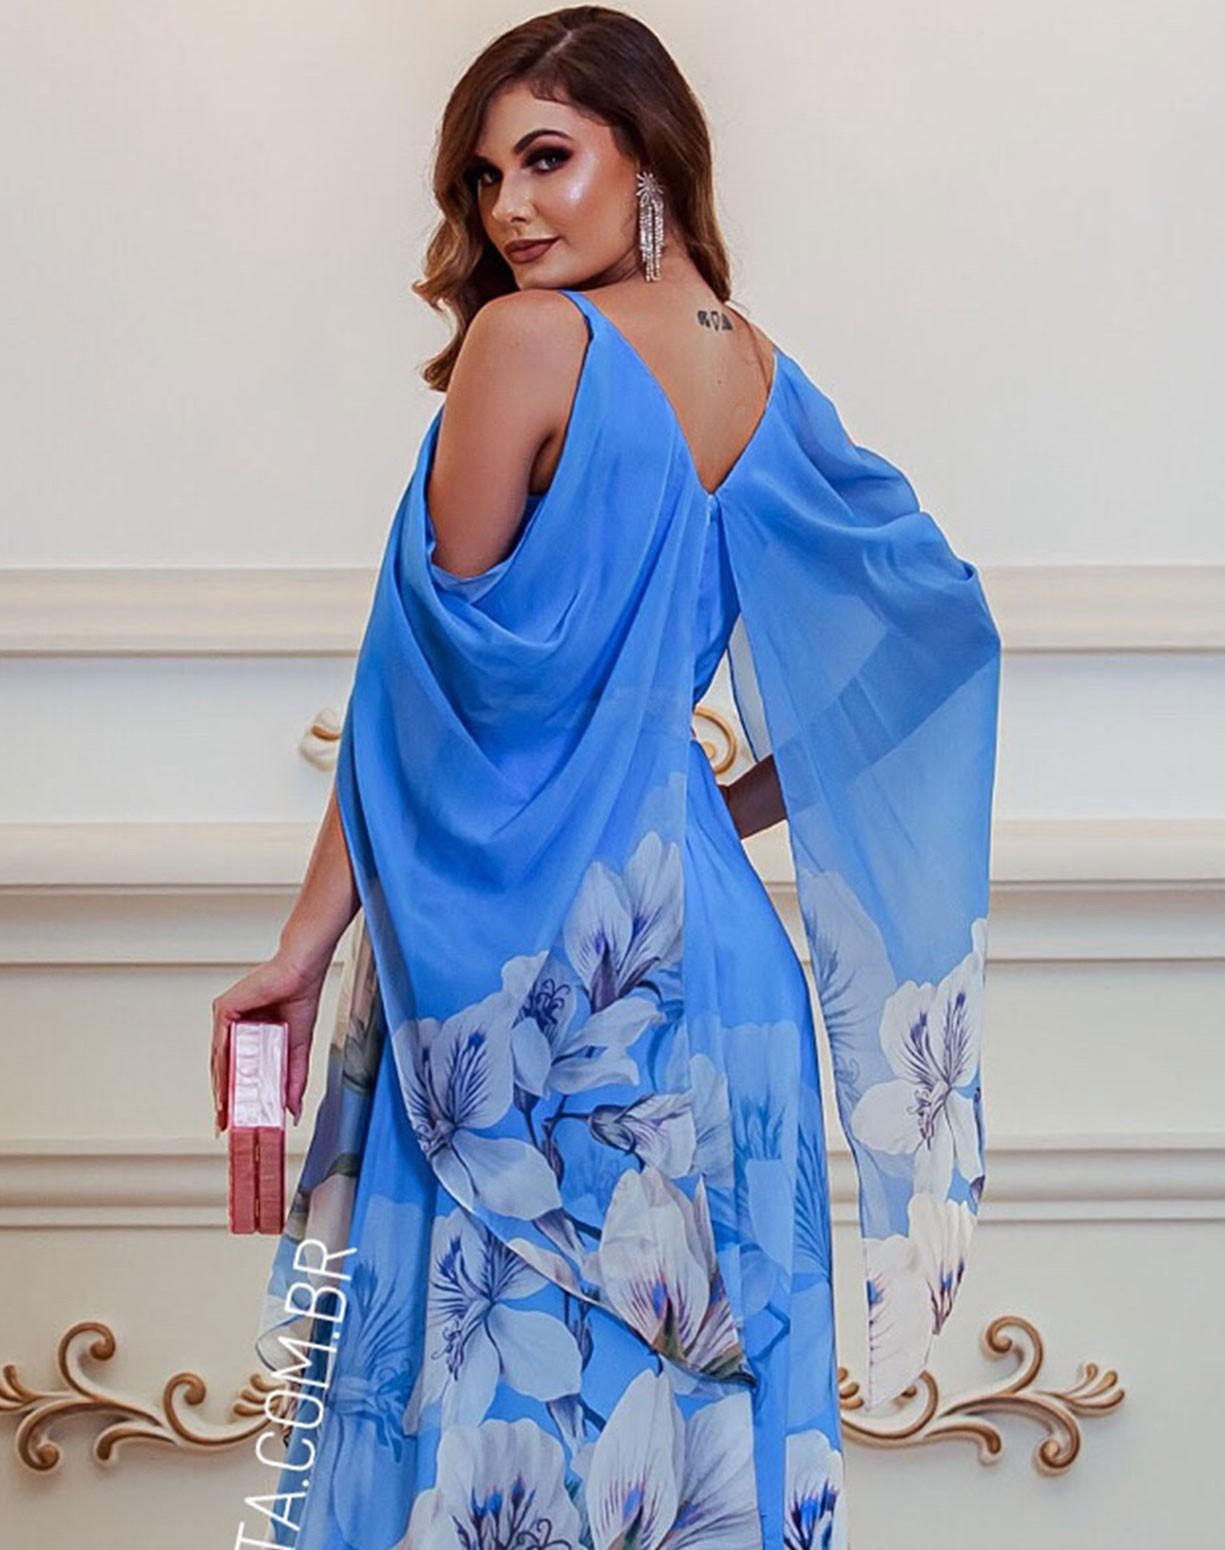 Vestido Azul Serenity Estampado com Manga Capa Voal